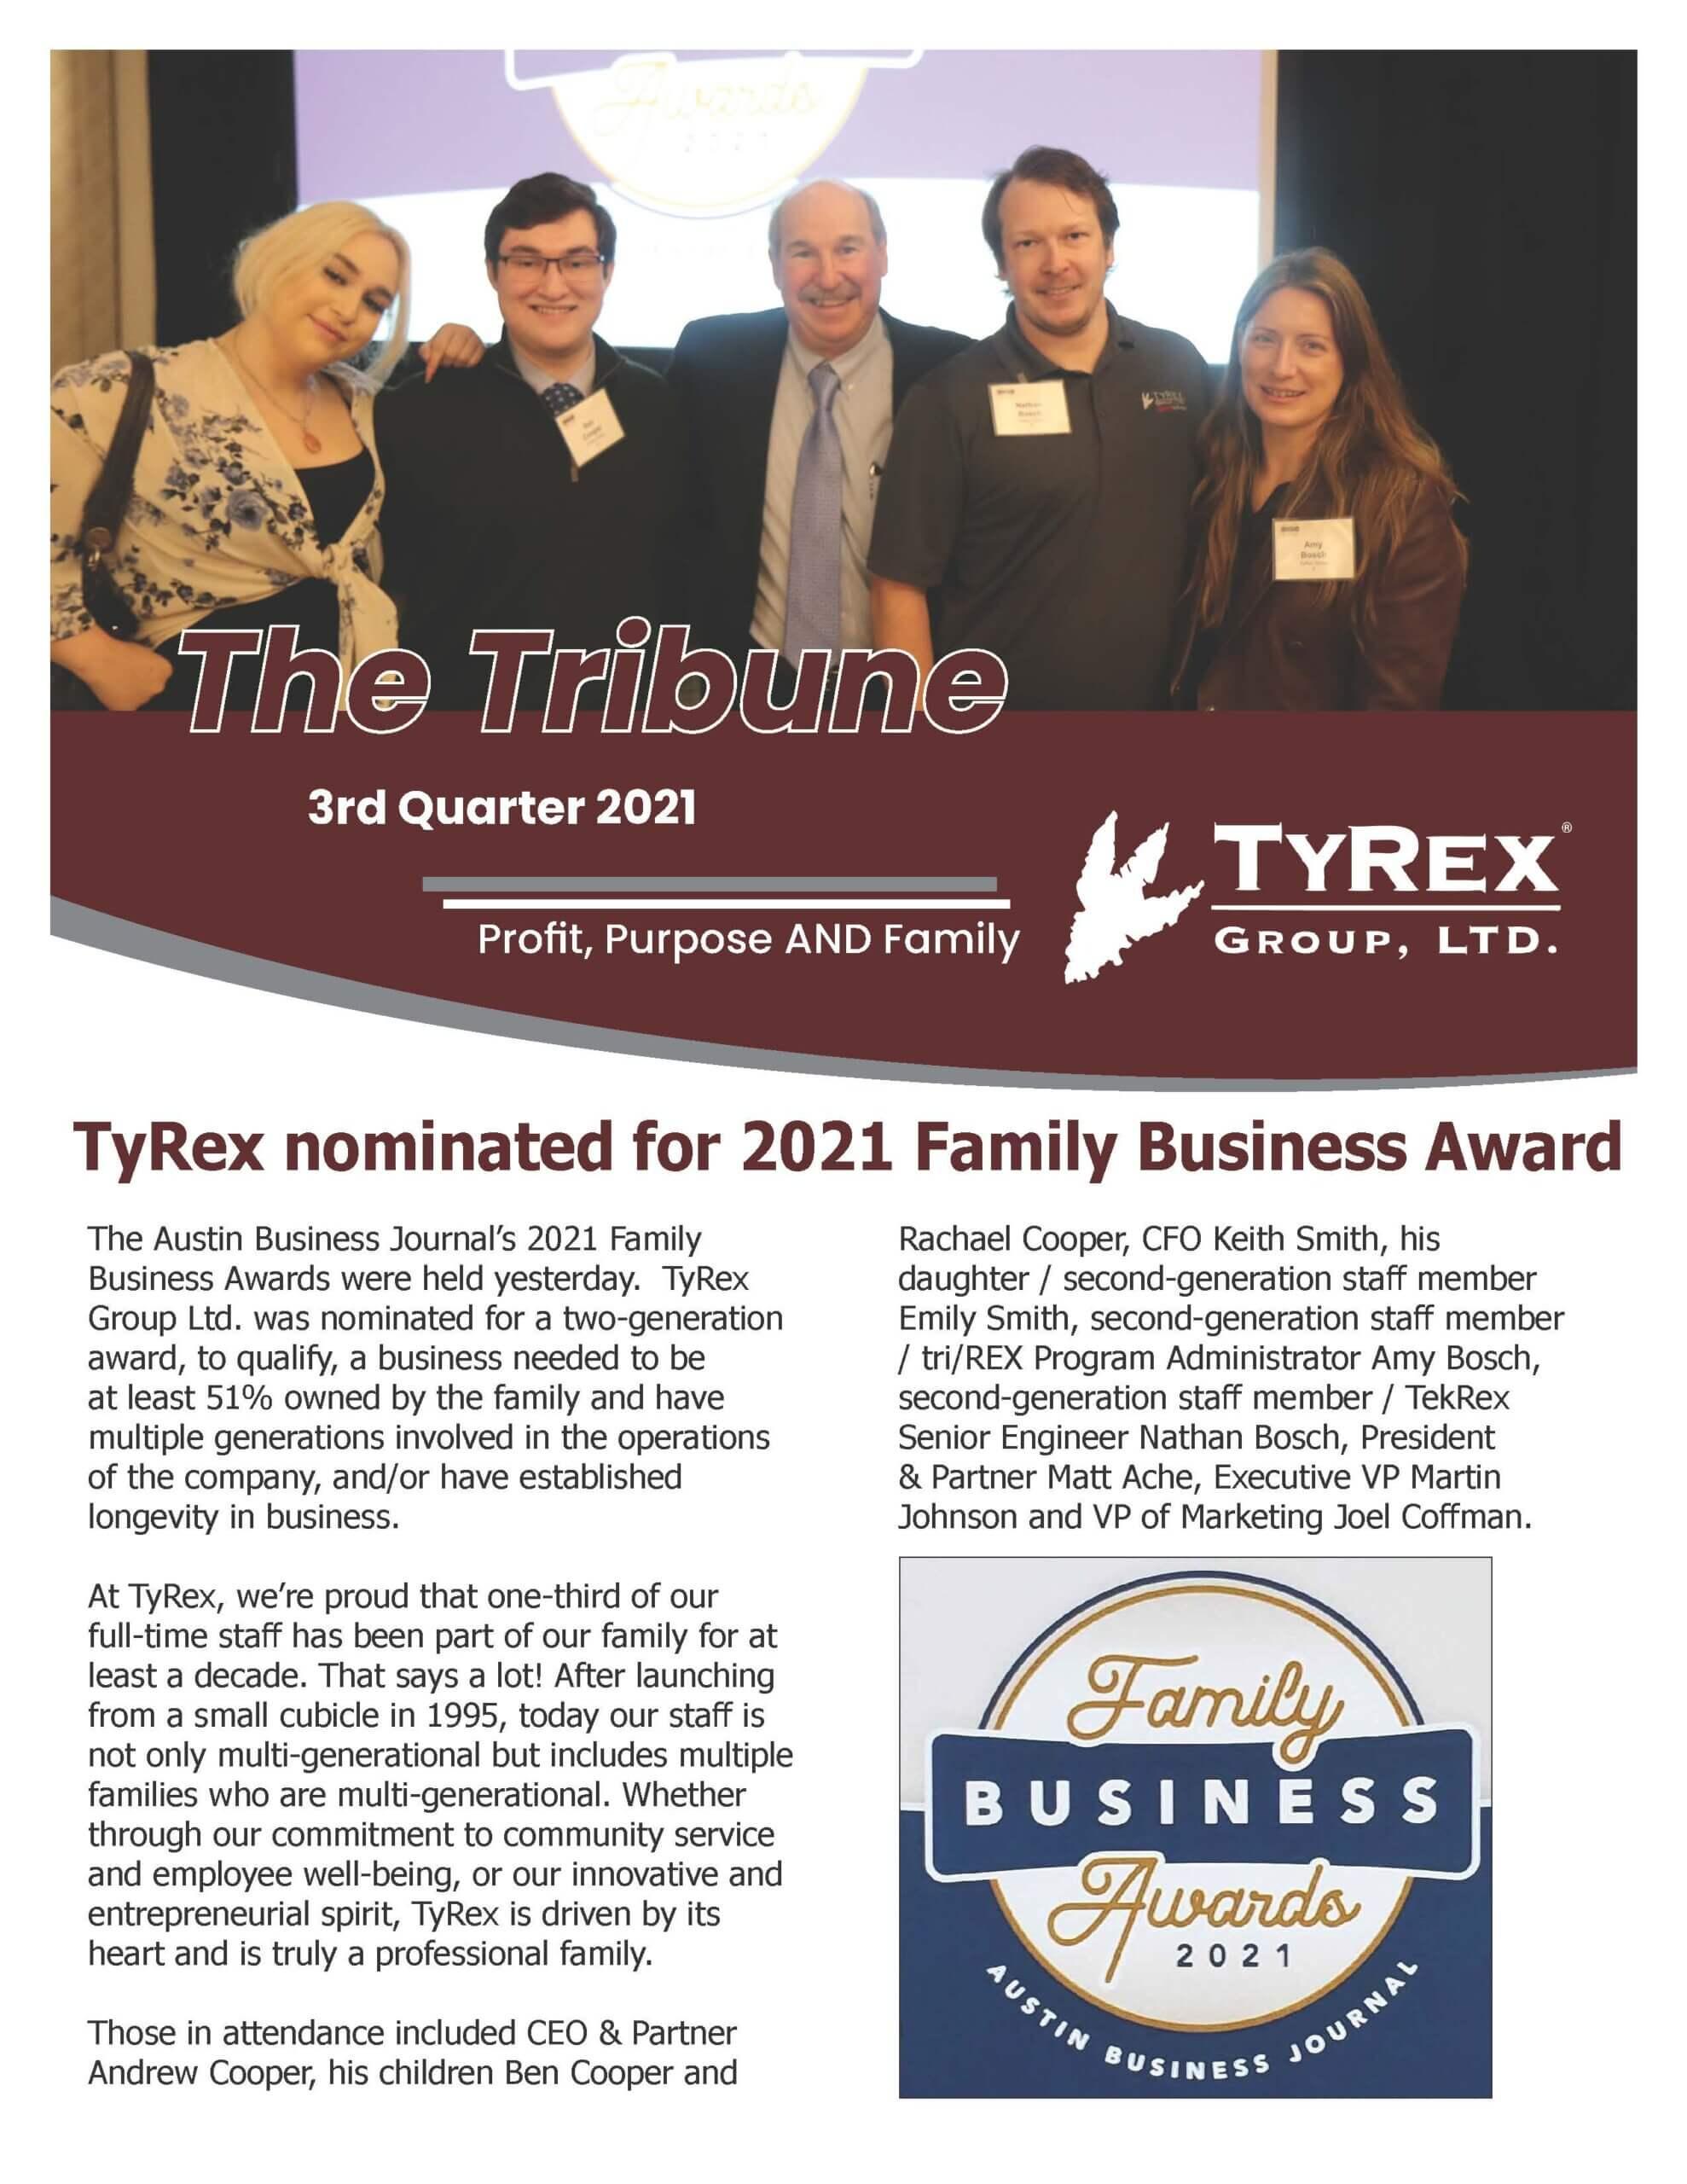 TyRex Tribune Q3, 2021 Front Page